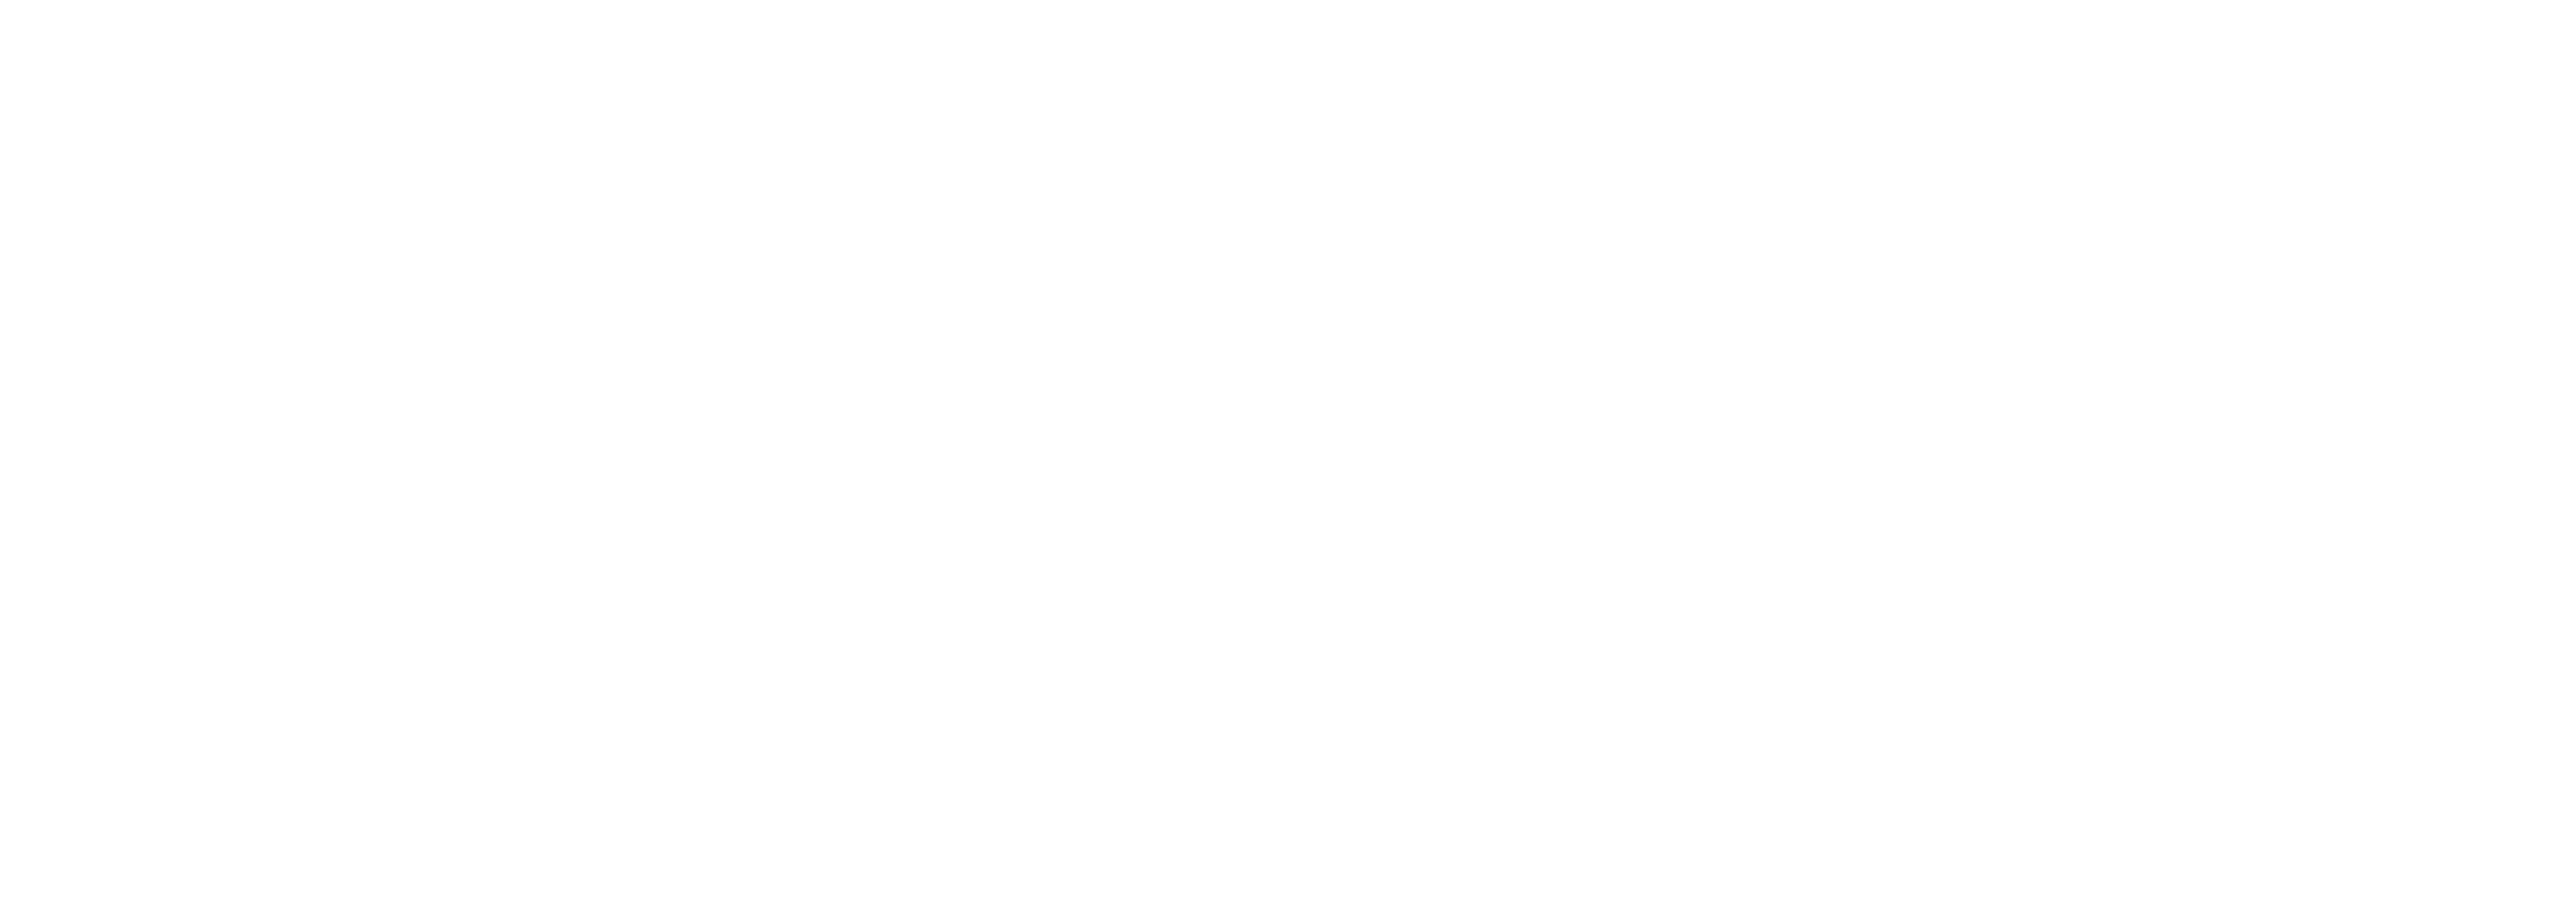 Wrapest